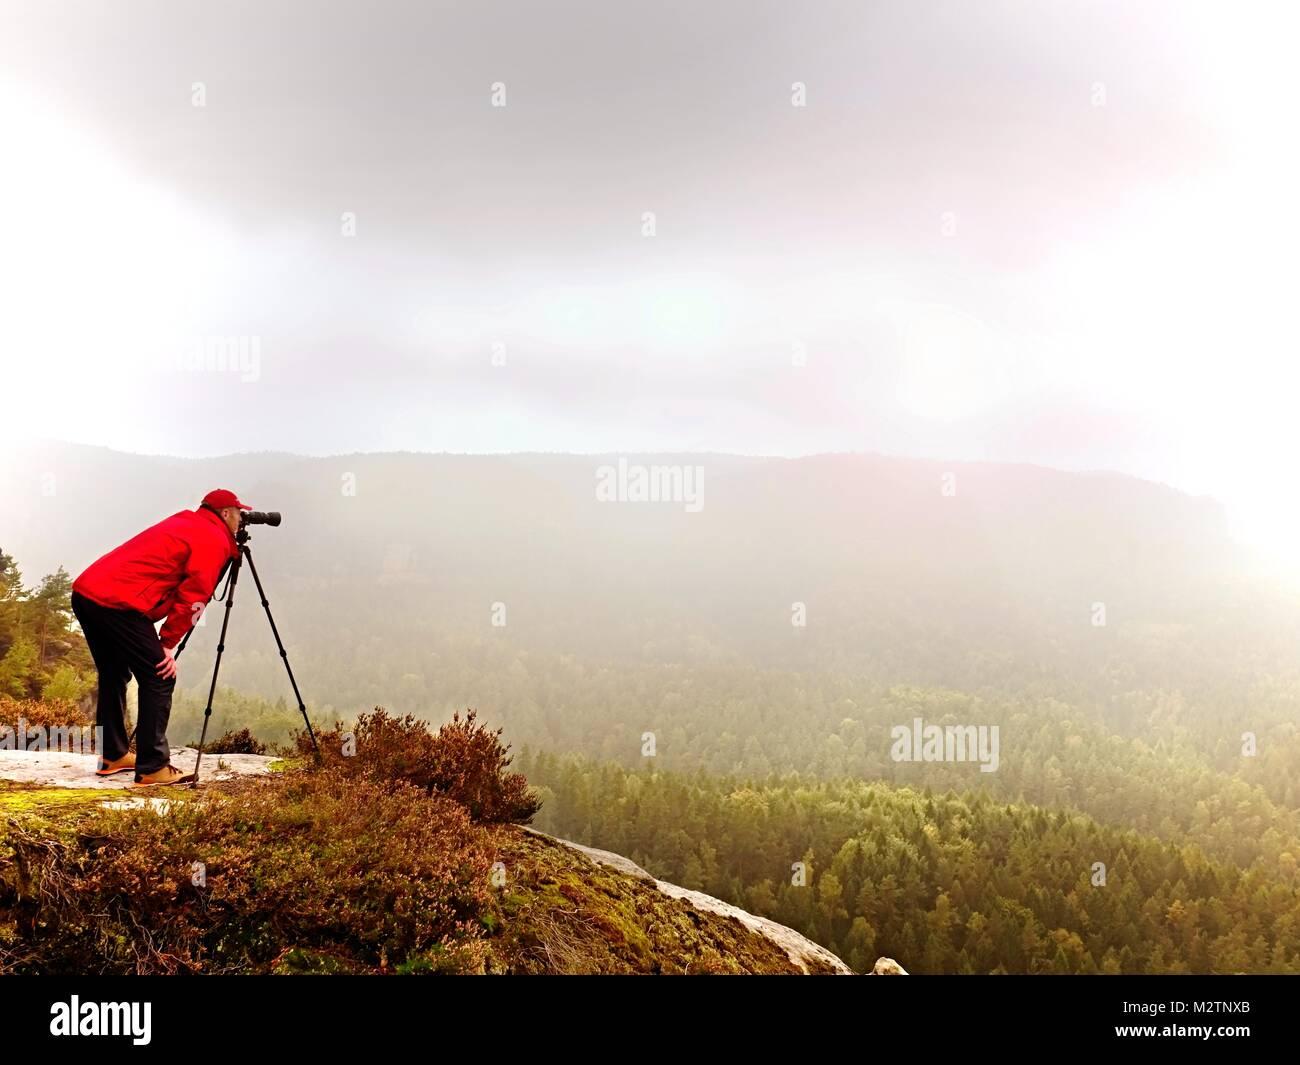 Photographe professionnel prise de vue. Artiste stay avec trépied sur sommet et prend des photos d'automne Photo Stock